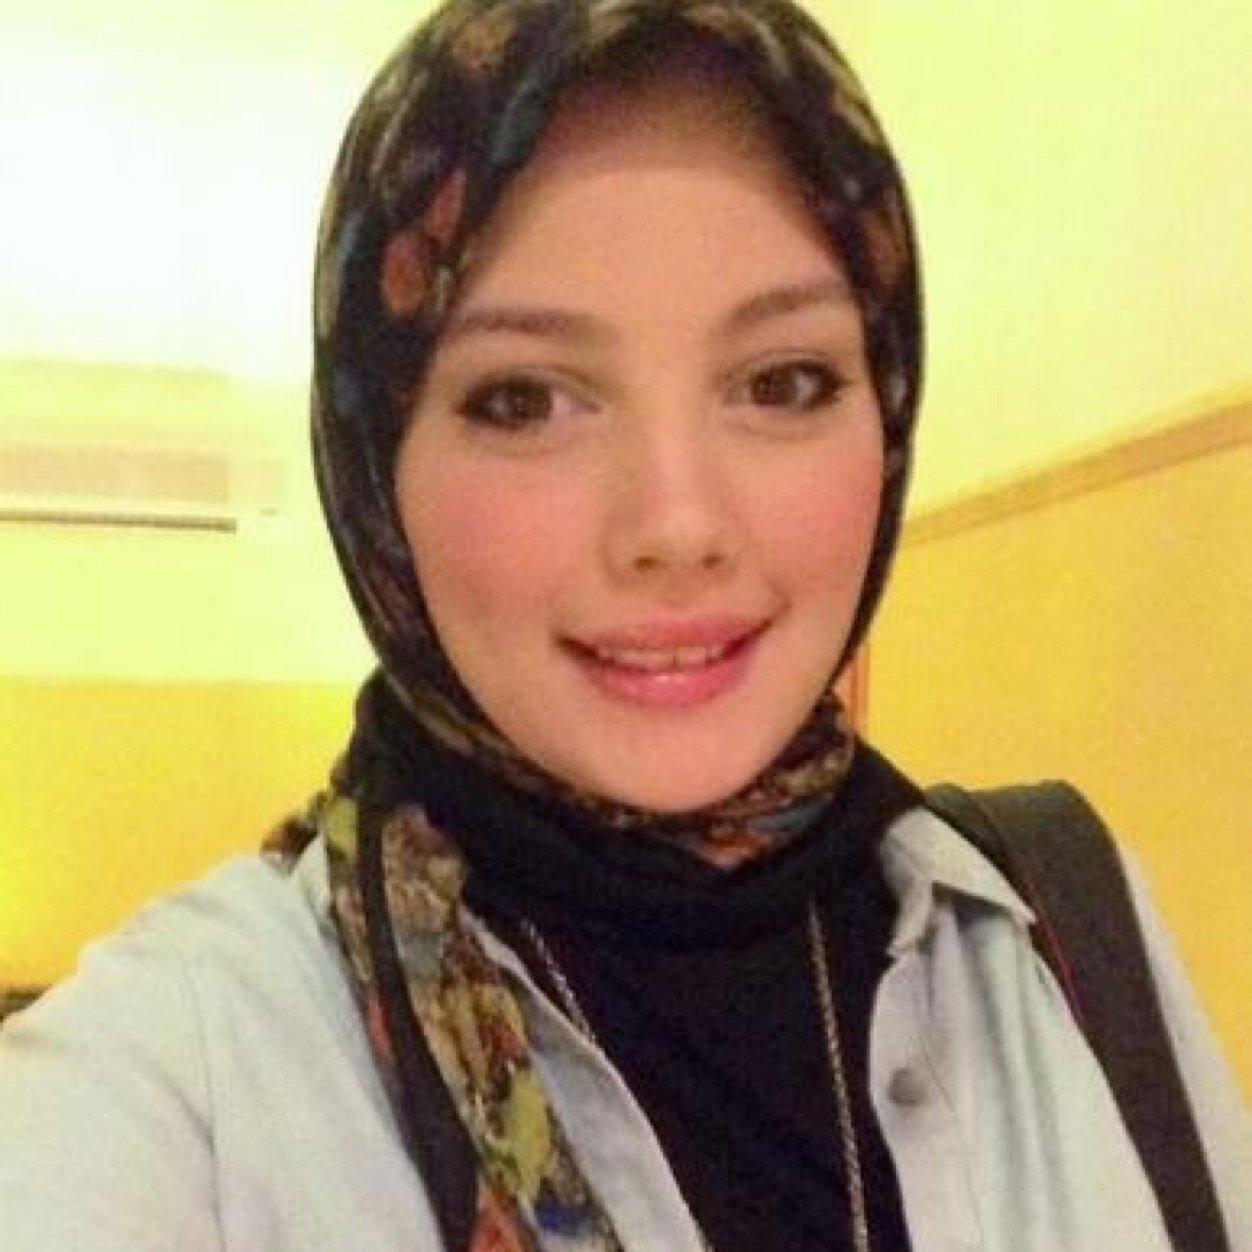 بالصور بنات ليبيات , اجمل بنت من ليبيا